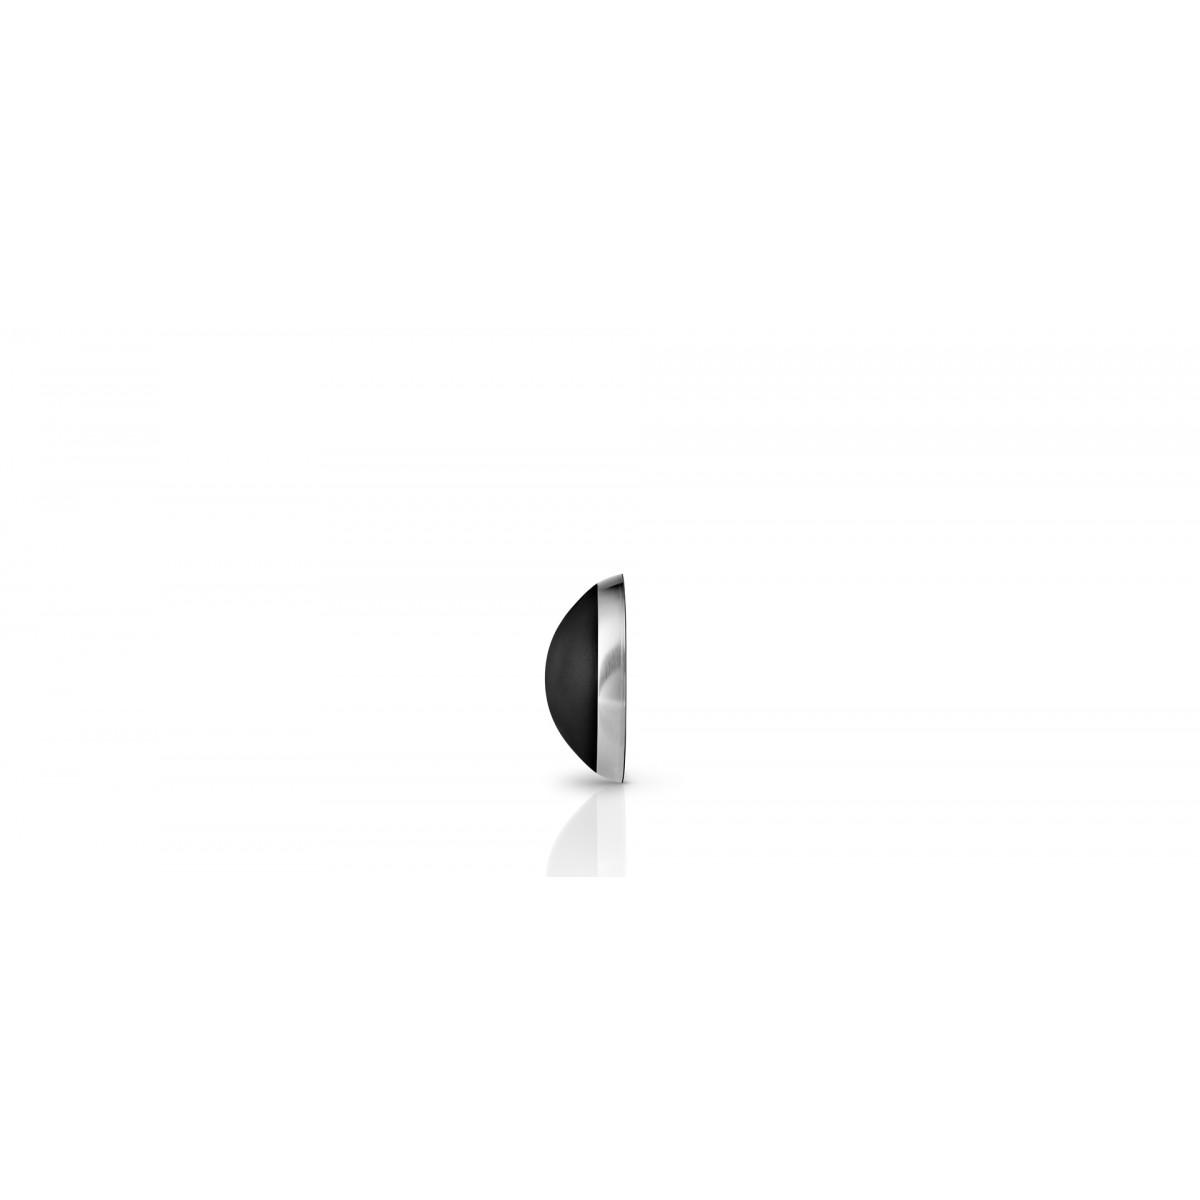 EVASOLODigitalttermometer-03